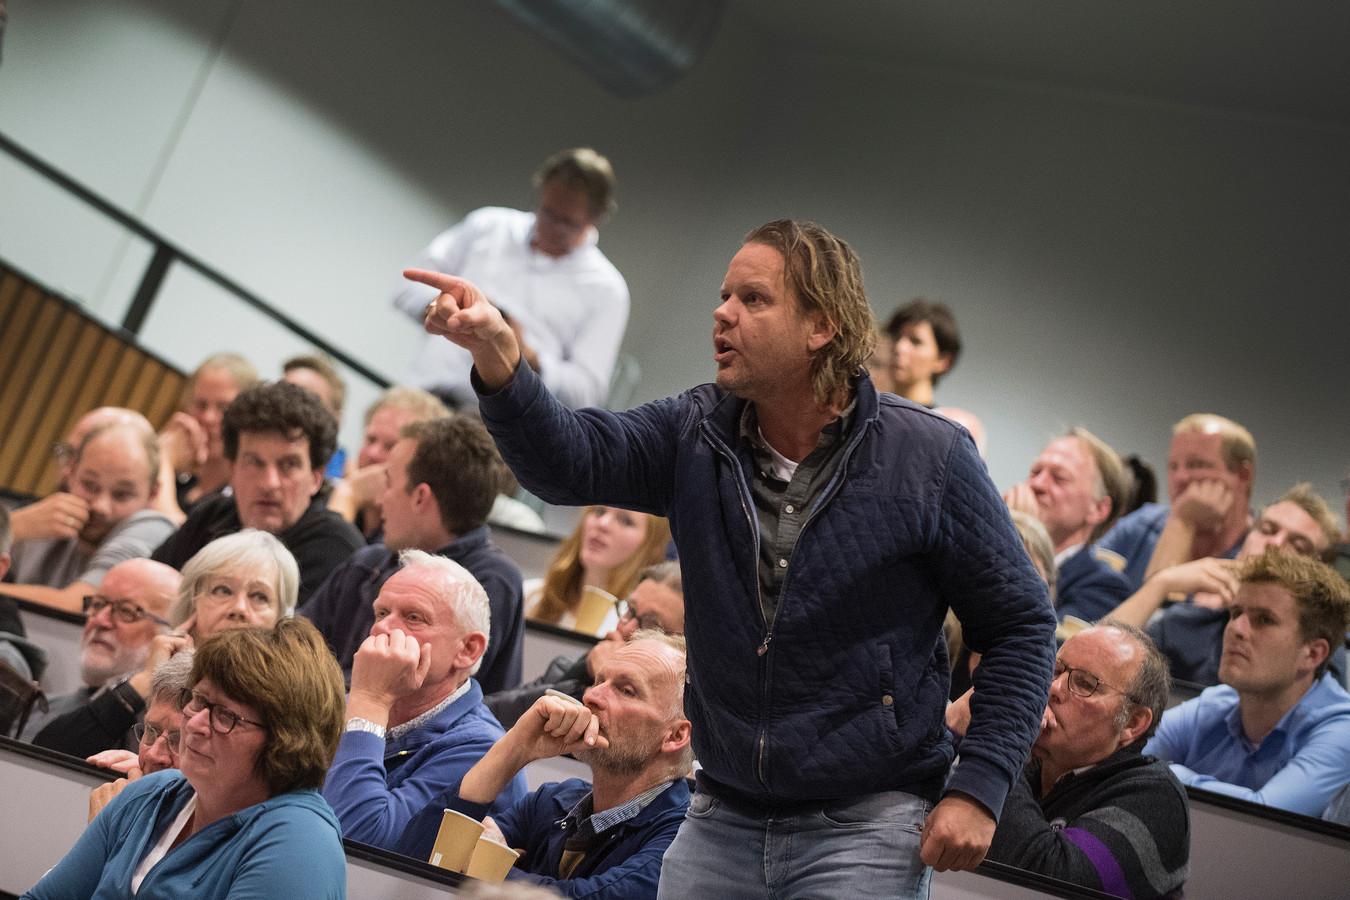 Woede vanuit het publiek tijdens het Boerendebat van De Gelderlander.